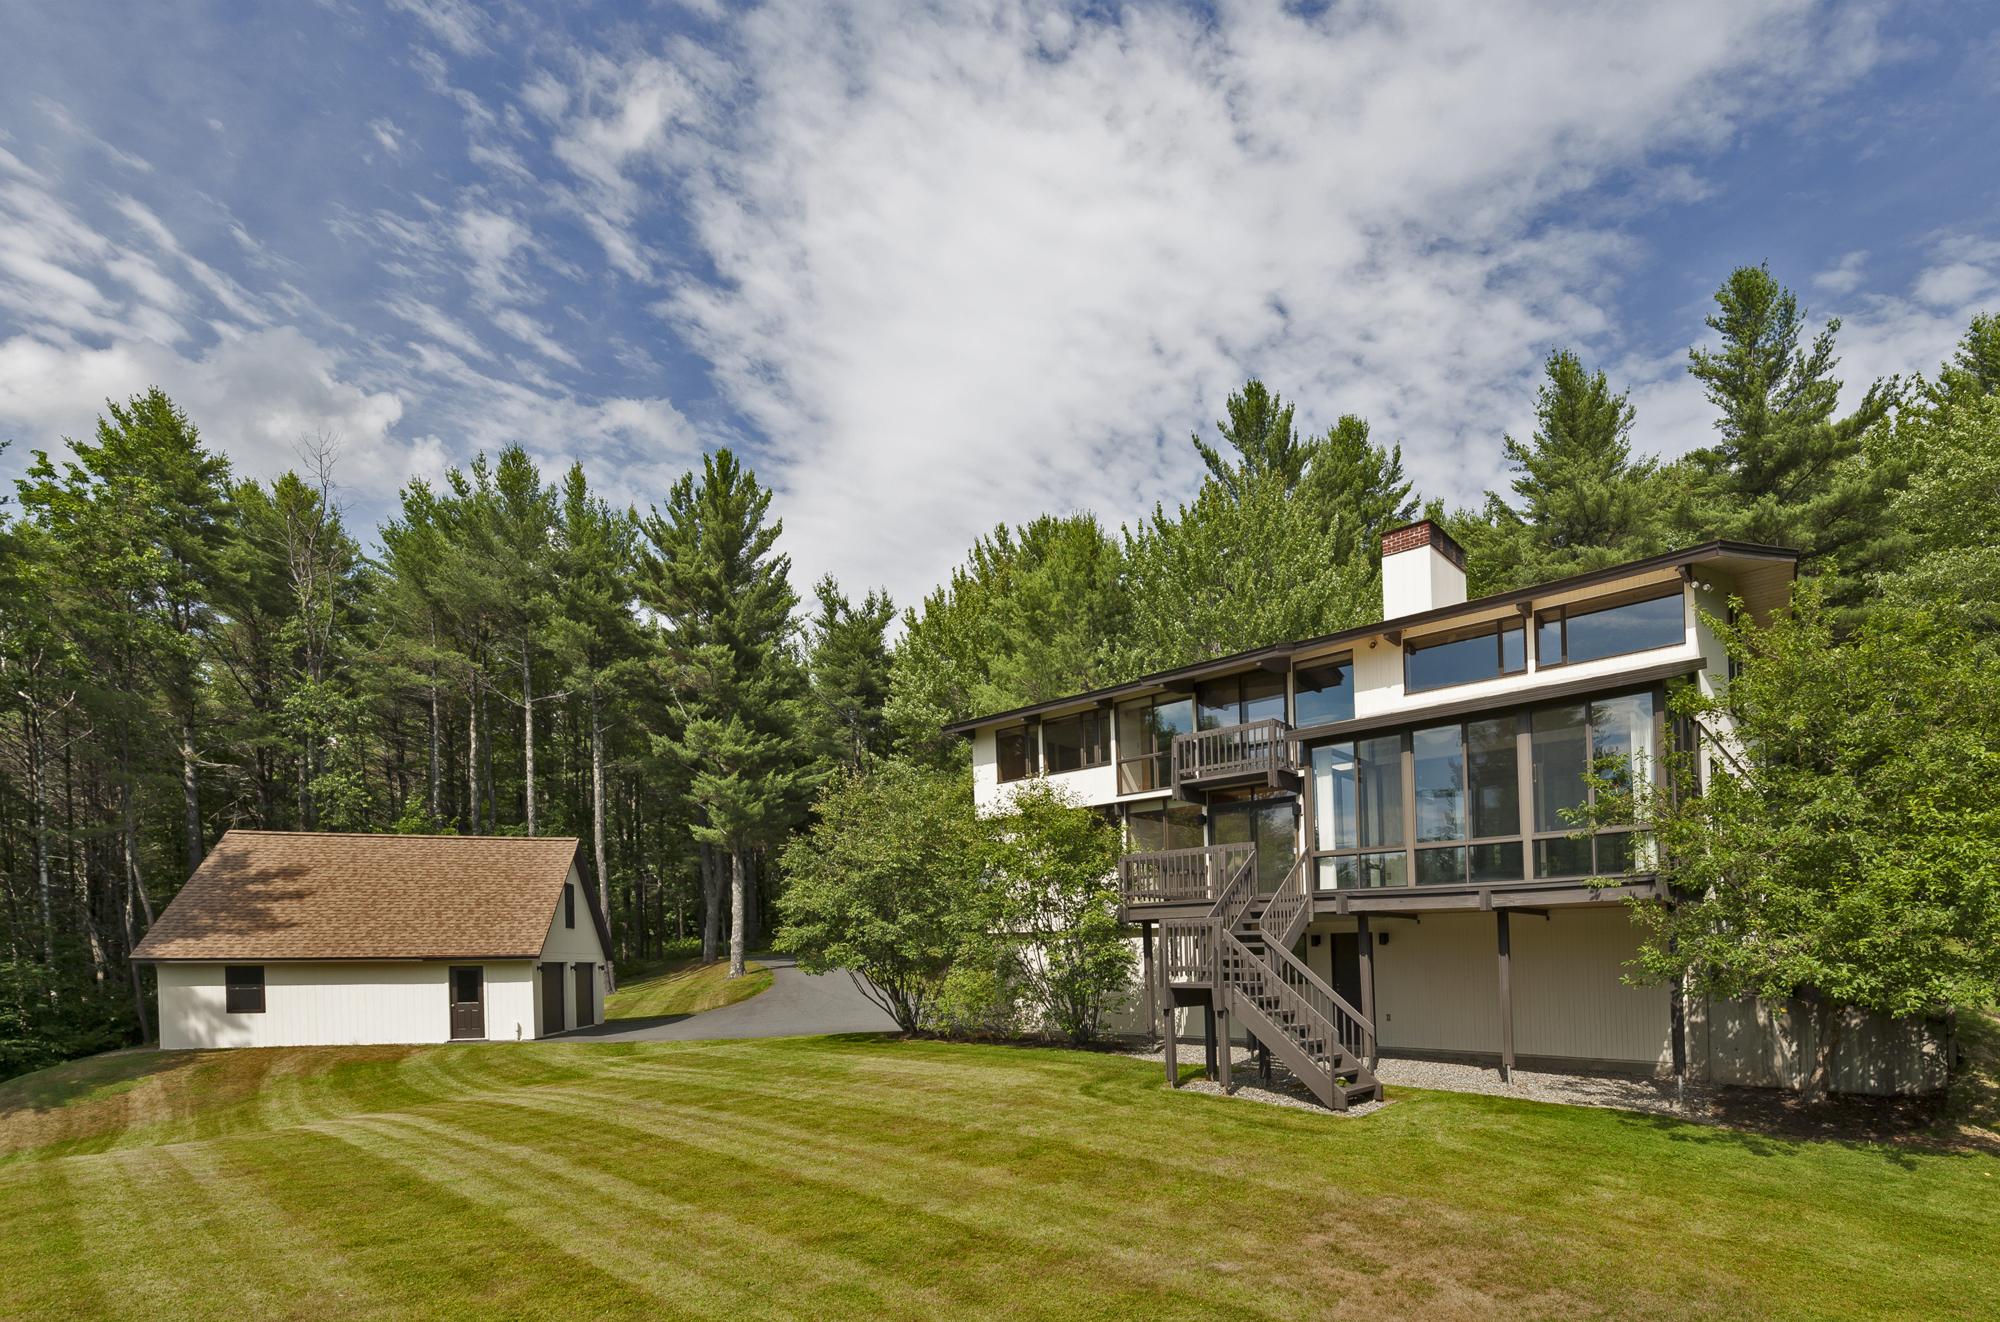 Maison unifamiliale pour l Vente à 3 Juniper Lane, Hanover 3 Juniper Ln Hanover, New Hampshire, 03755 États-Unis